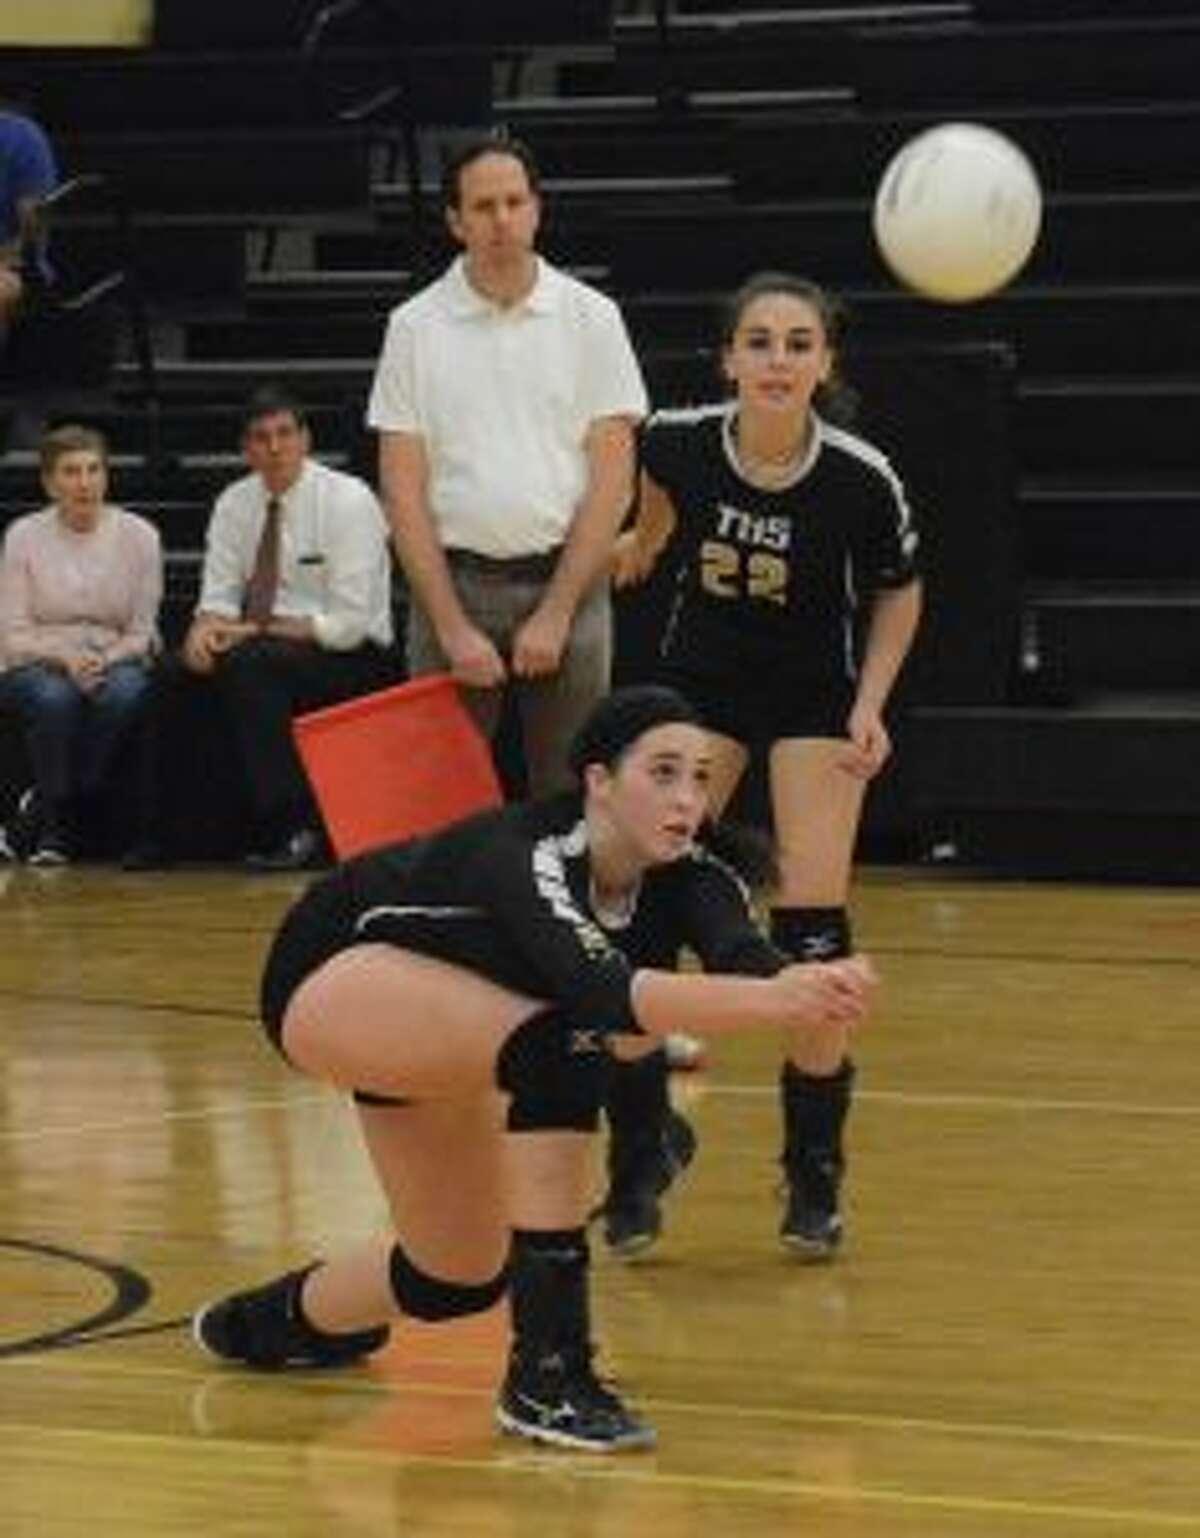 Rachel Hage makes the pass as Jess Gibbs looks on.